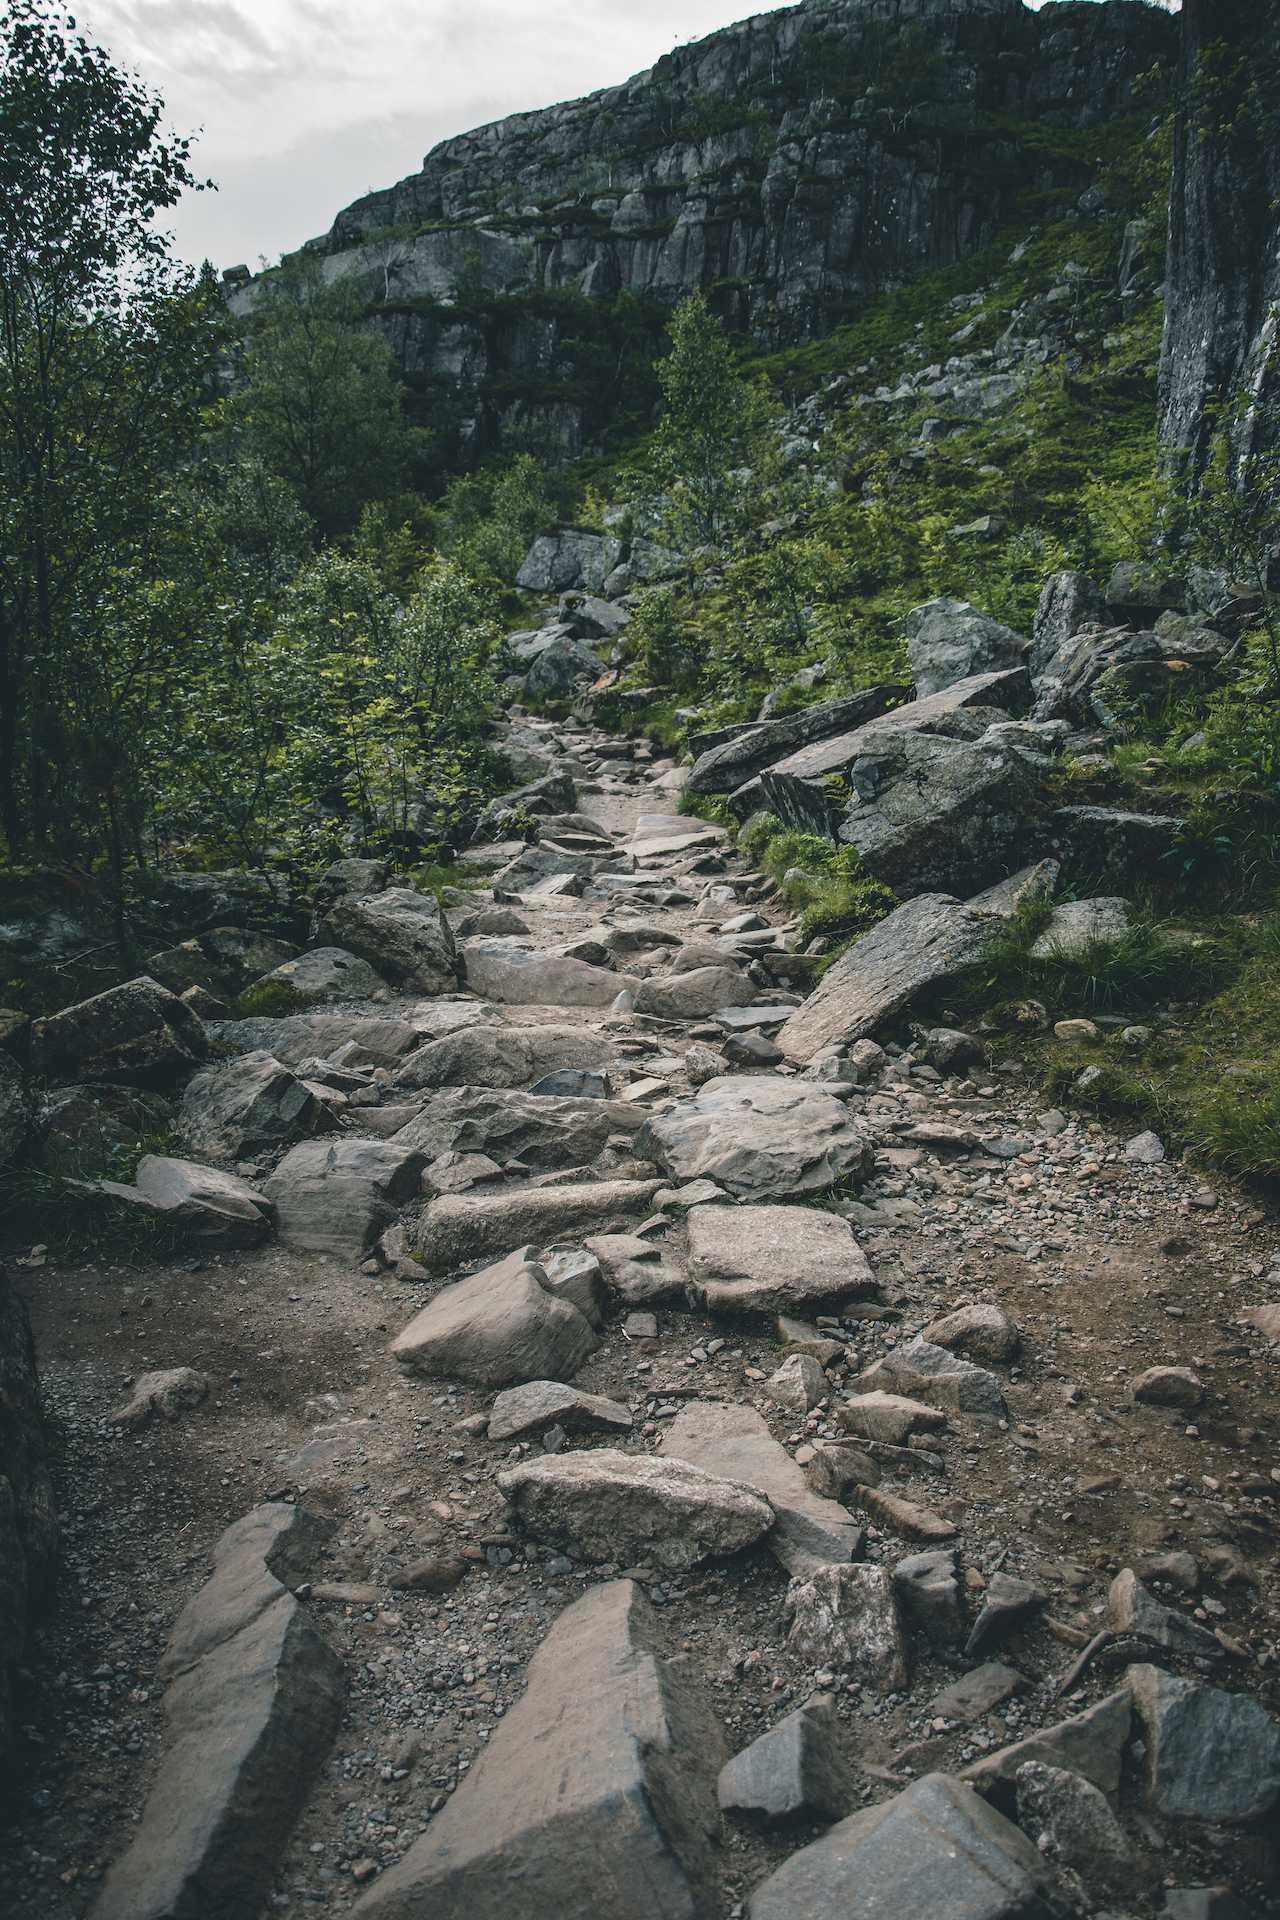 szlak Pulpit Rock